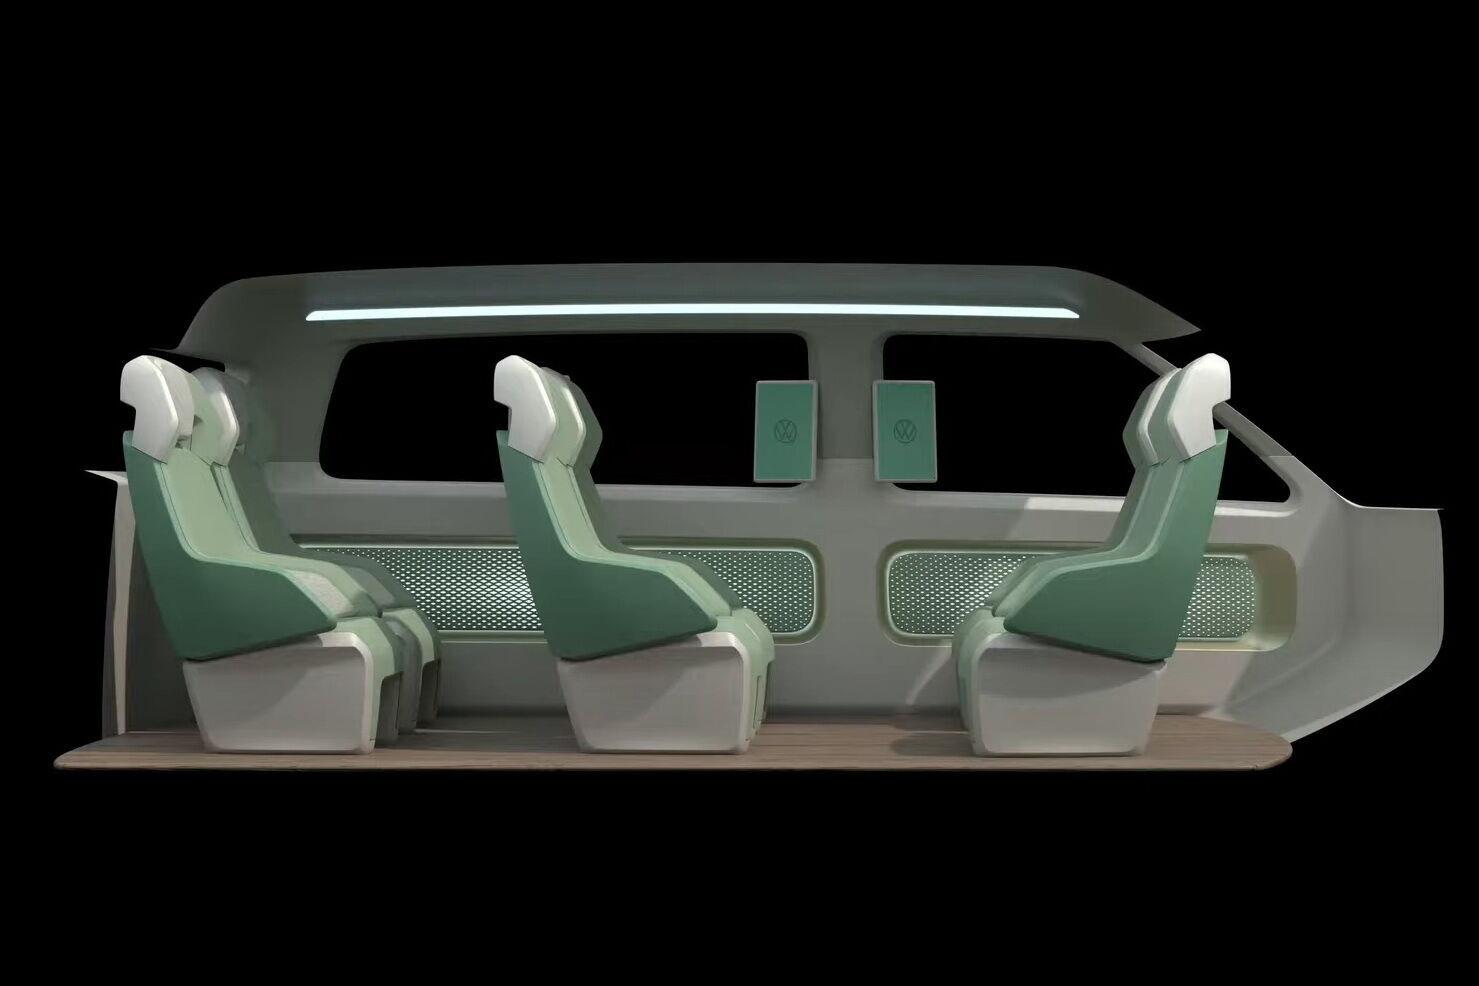 Обивка сидений будут изготовлена из приятного на ощупь синтетического материала, который легко моется